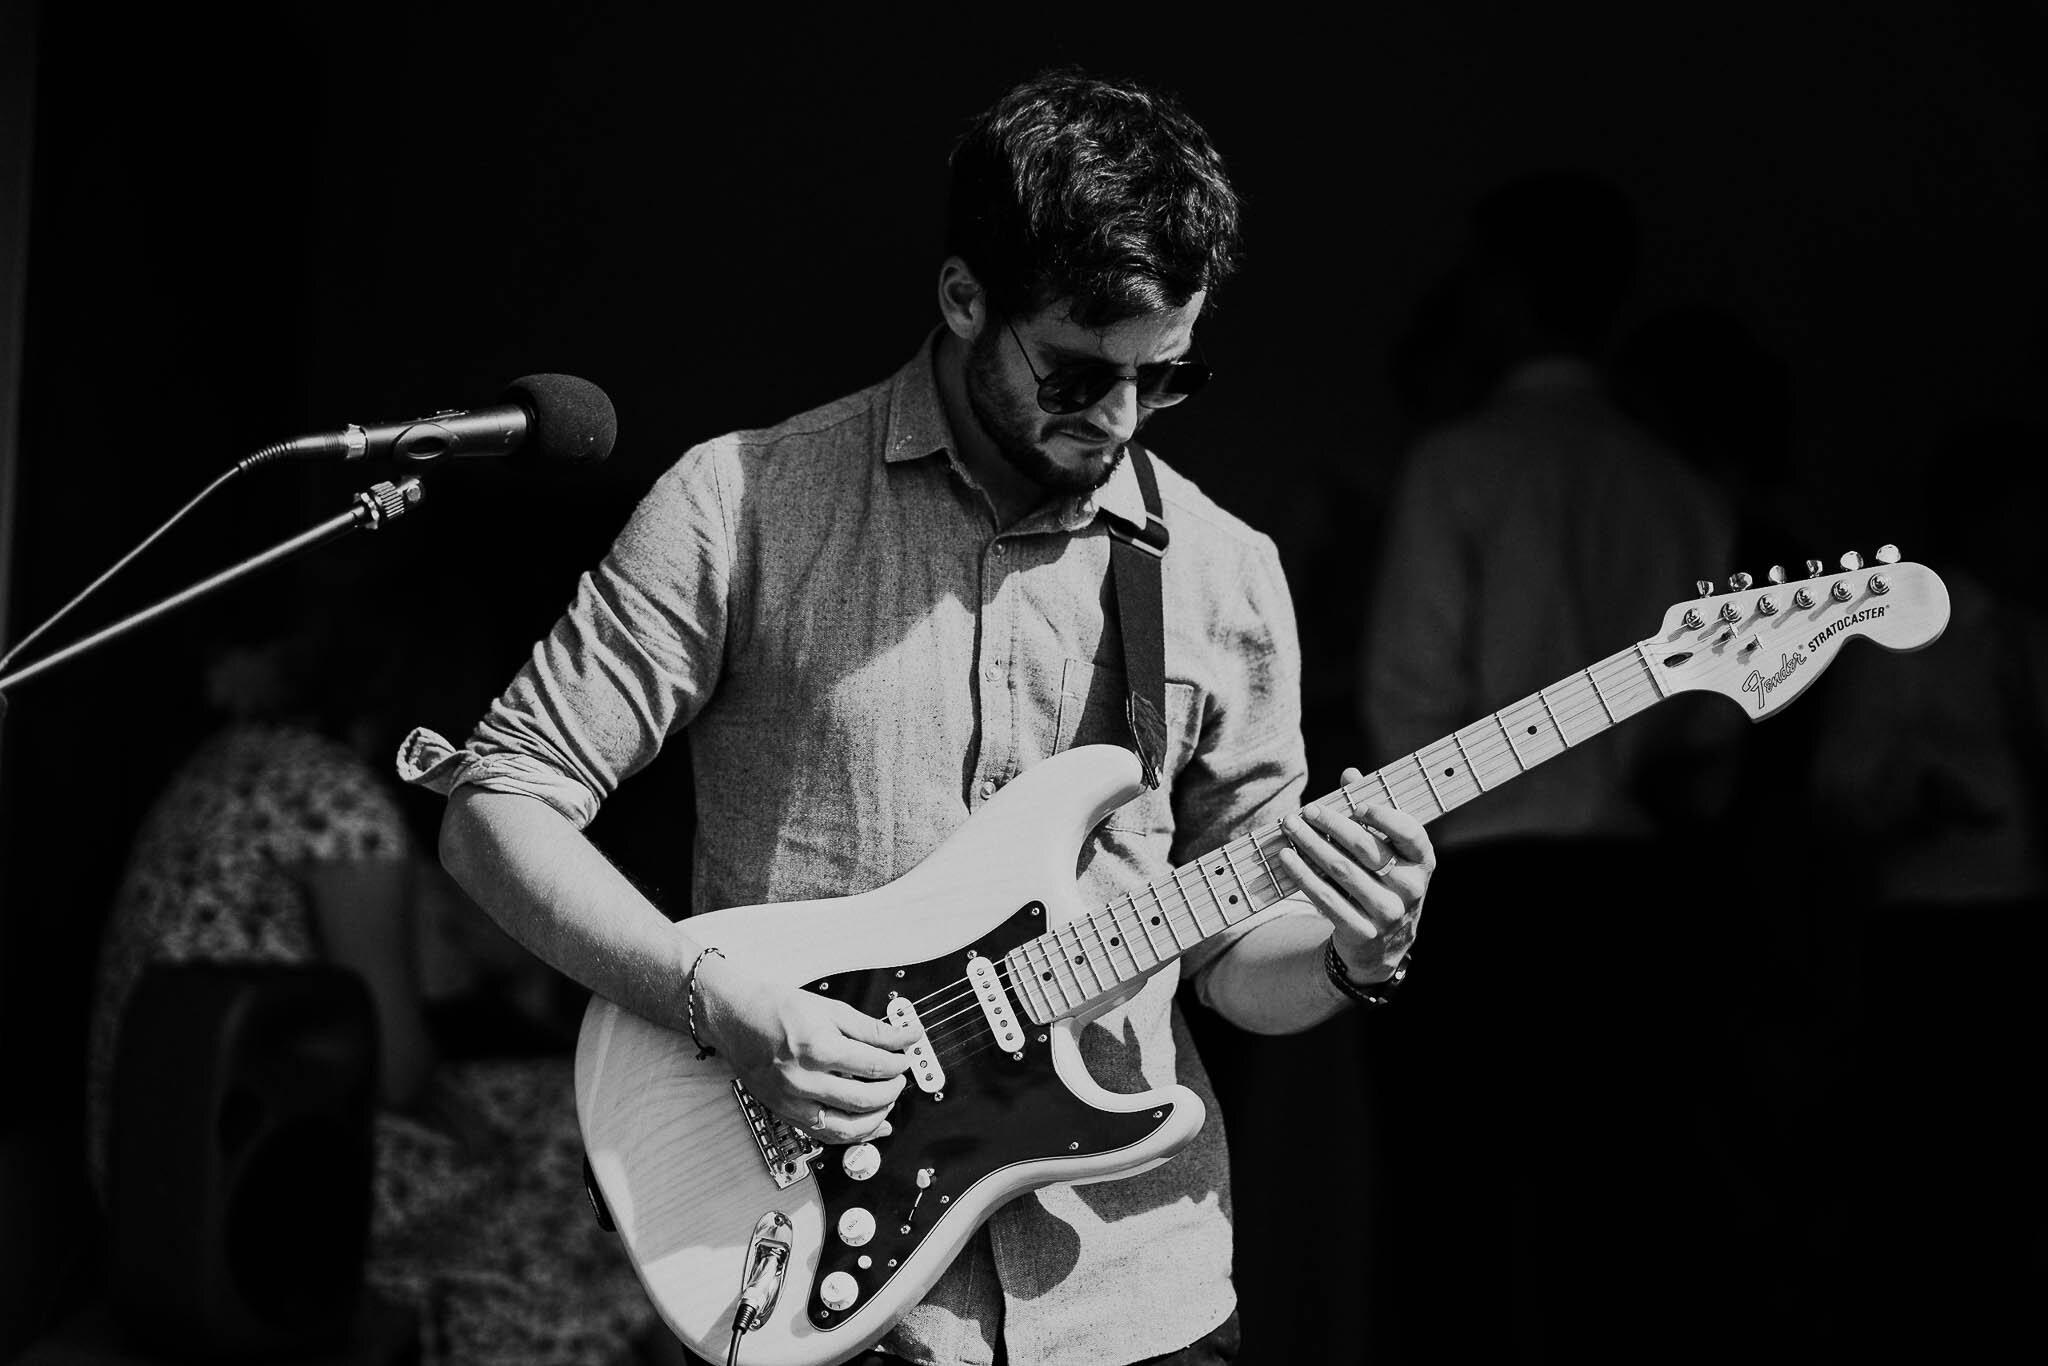 michael-sebastian-guitarist